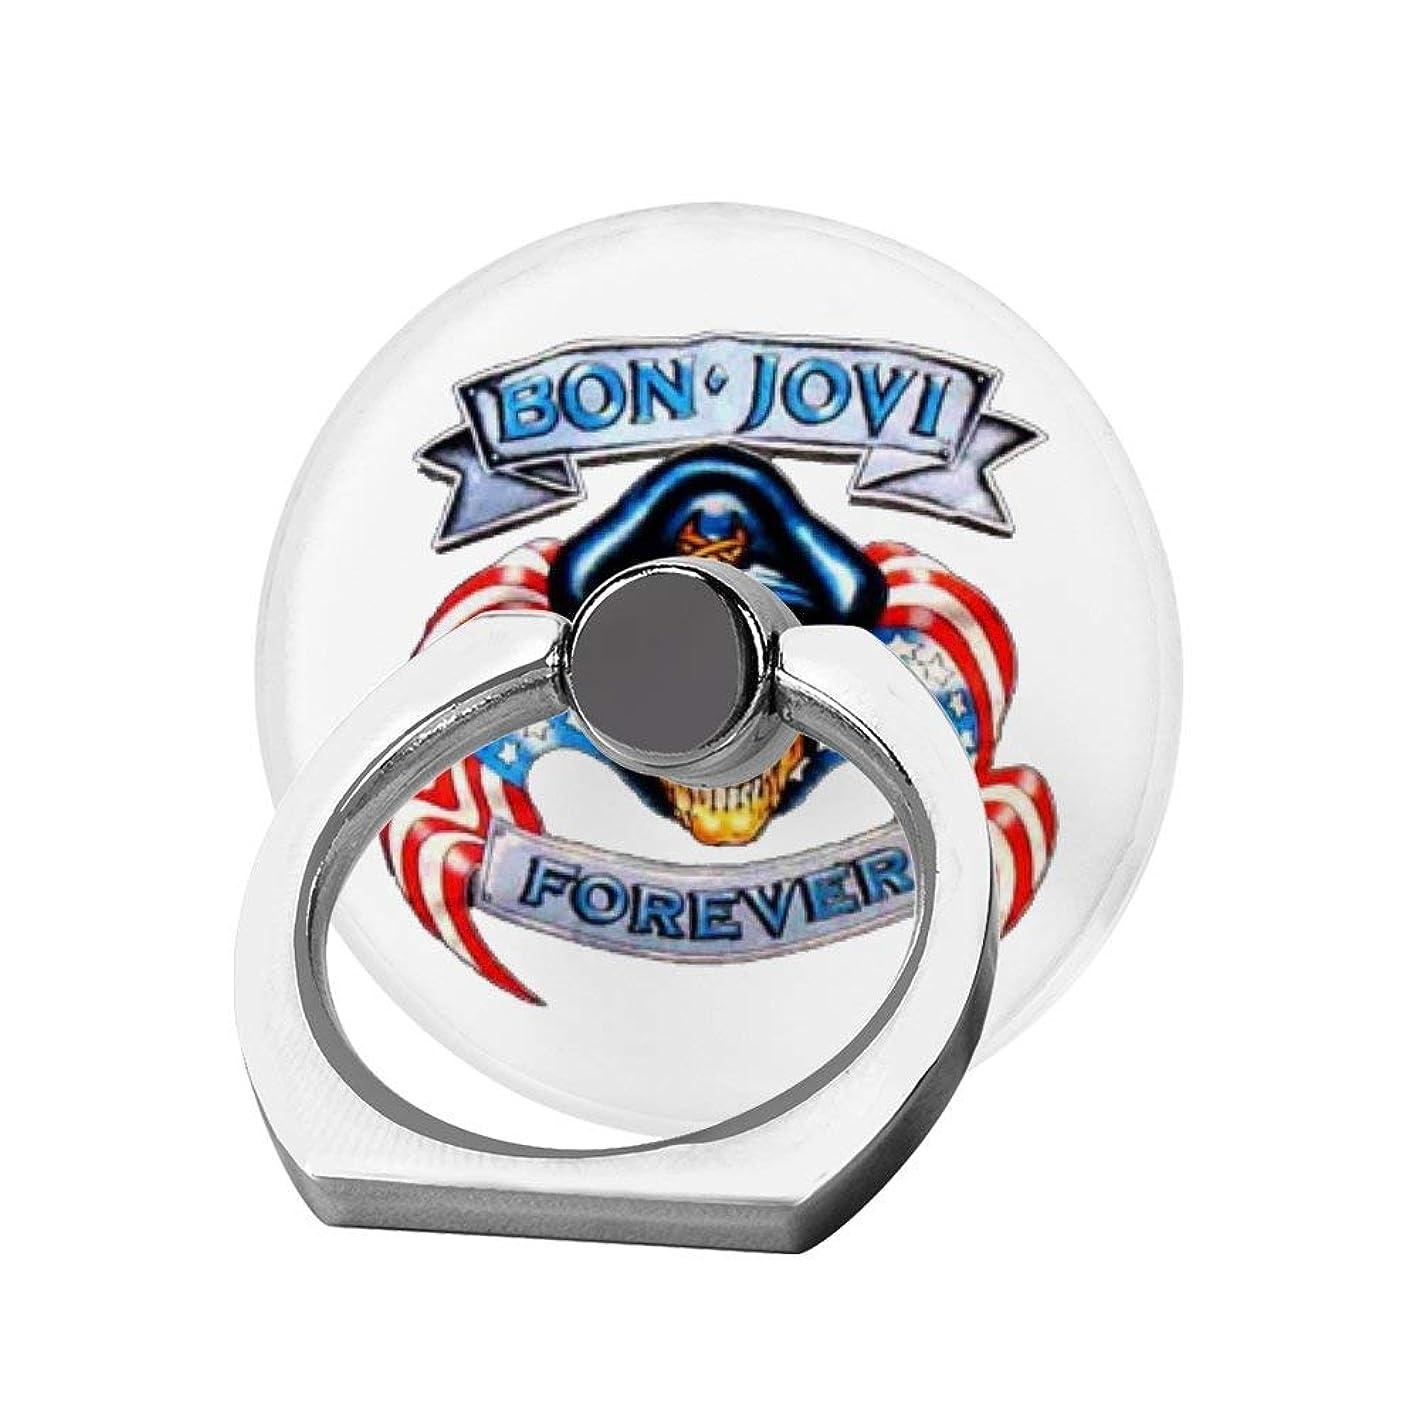 スペイン溶岩求人スマホリング 携帯リング 指リング 薄型 落下防止 スタンド機能 ボン ジョヴィ バンカーリング 指輪リング タブレット/各種他対応 360回転 スマホブラケット